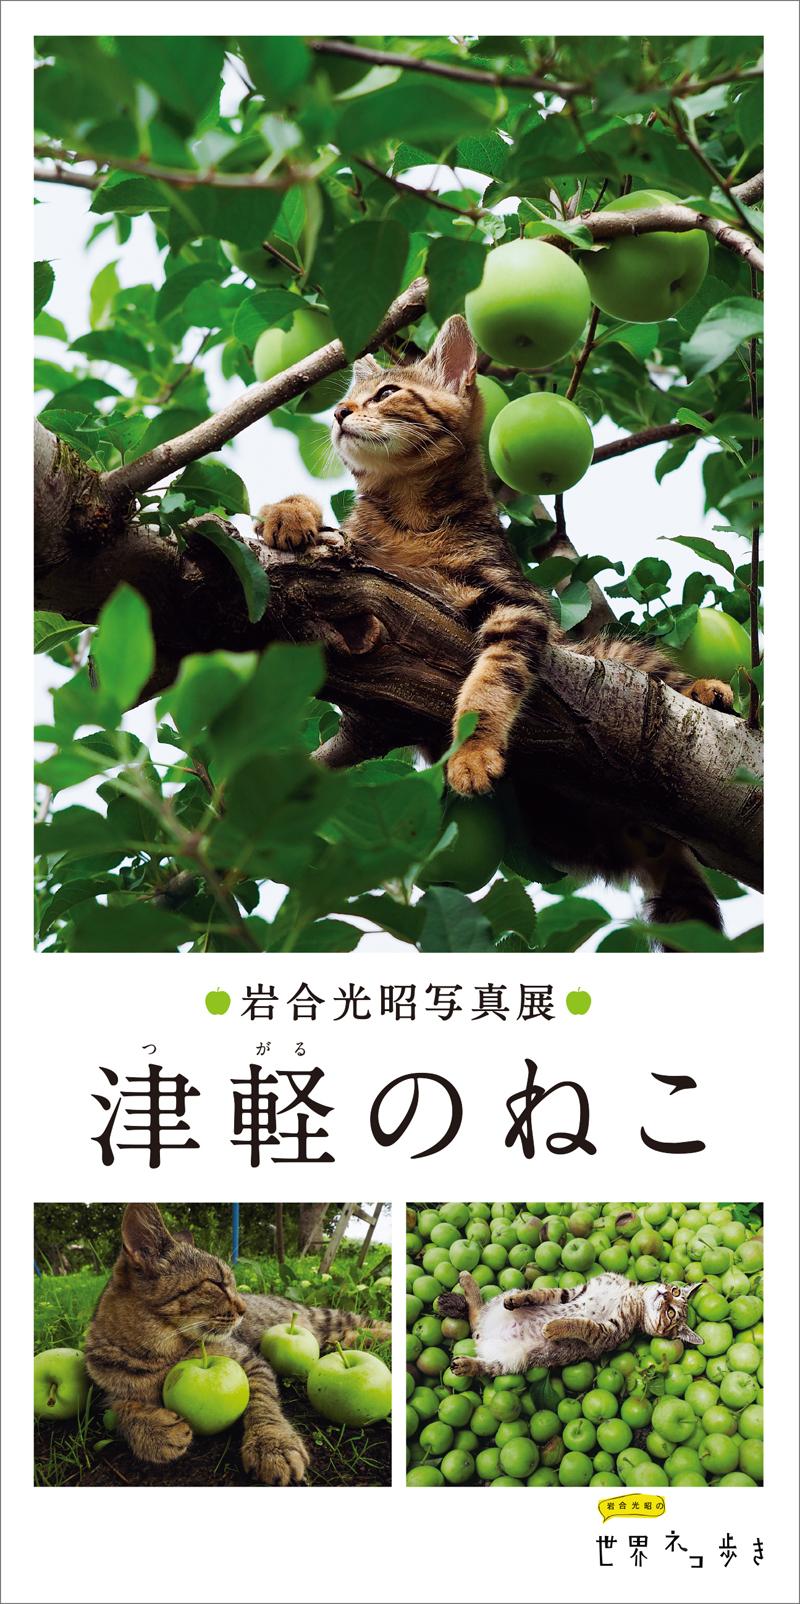 岩合光昭写真展 「津軽のねこ」